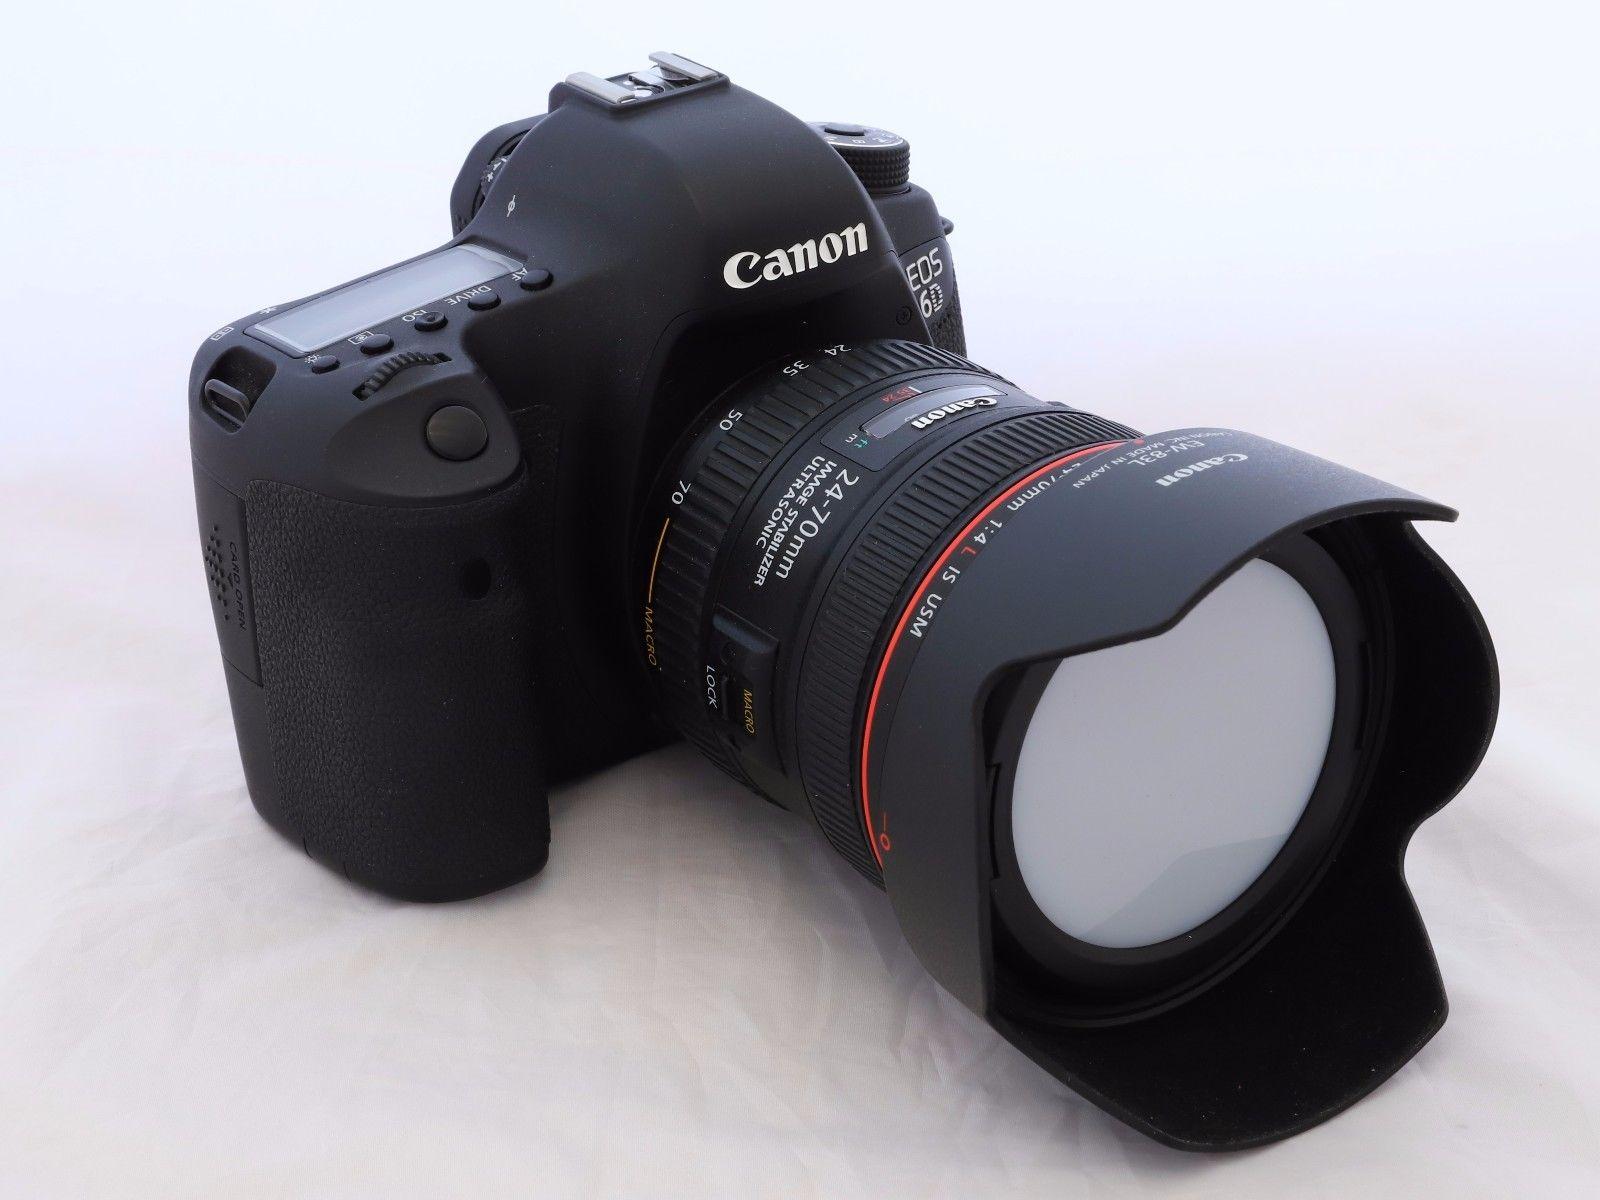 Canon EOS 6D 20.2 MP SLR-Digitalkamera + EF 24 - 70 f/4 L IS USM